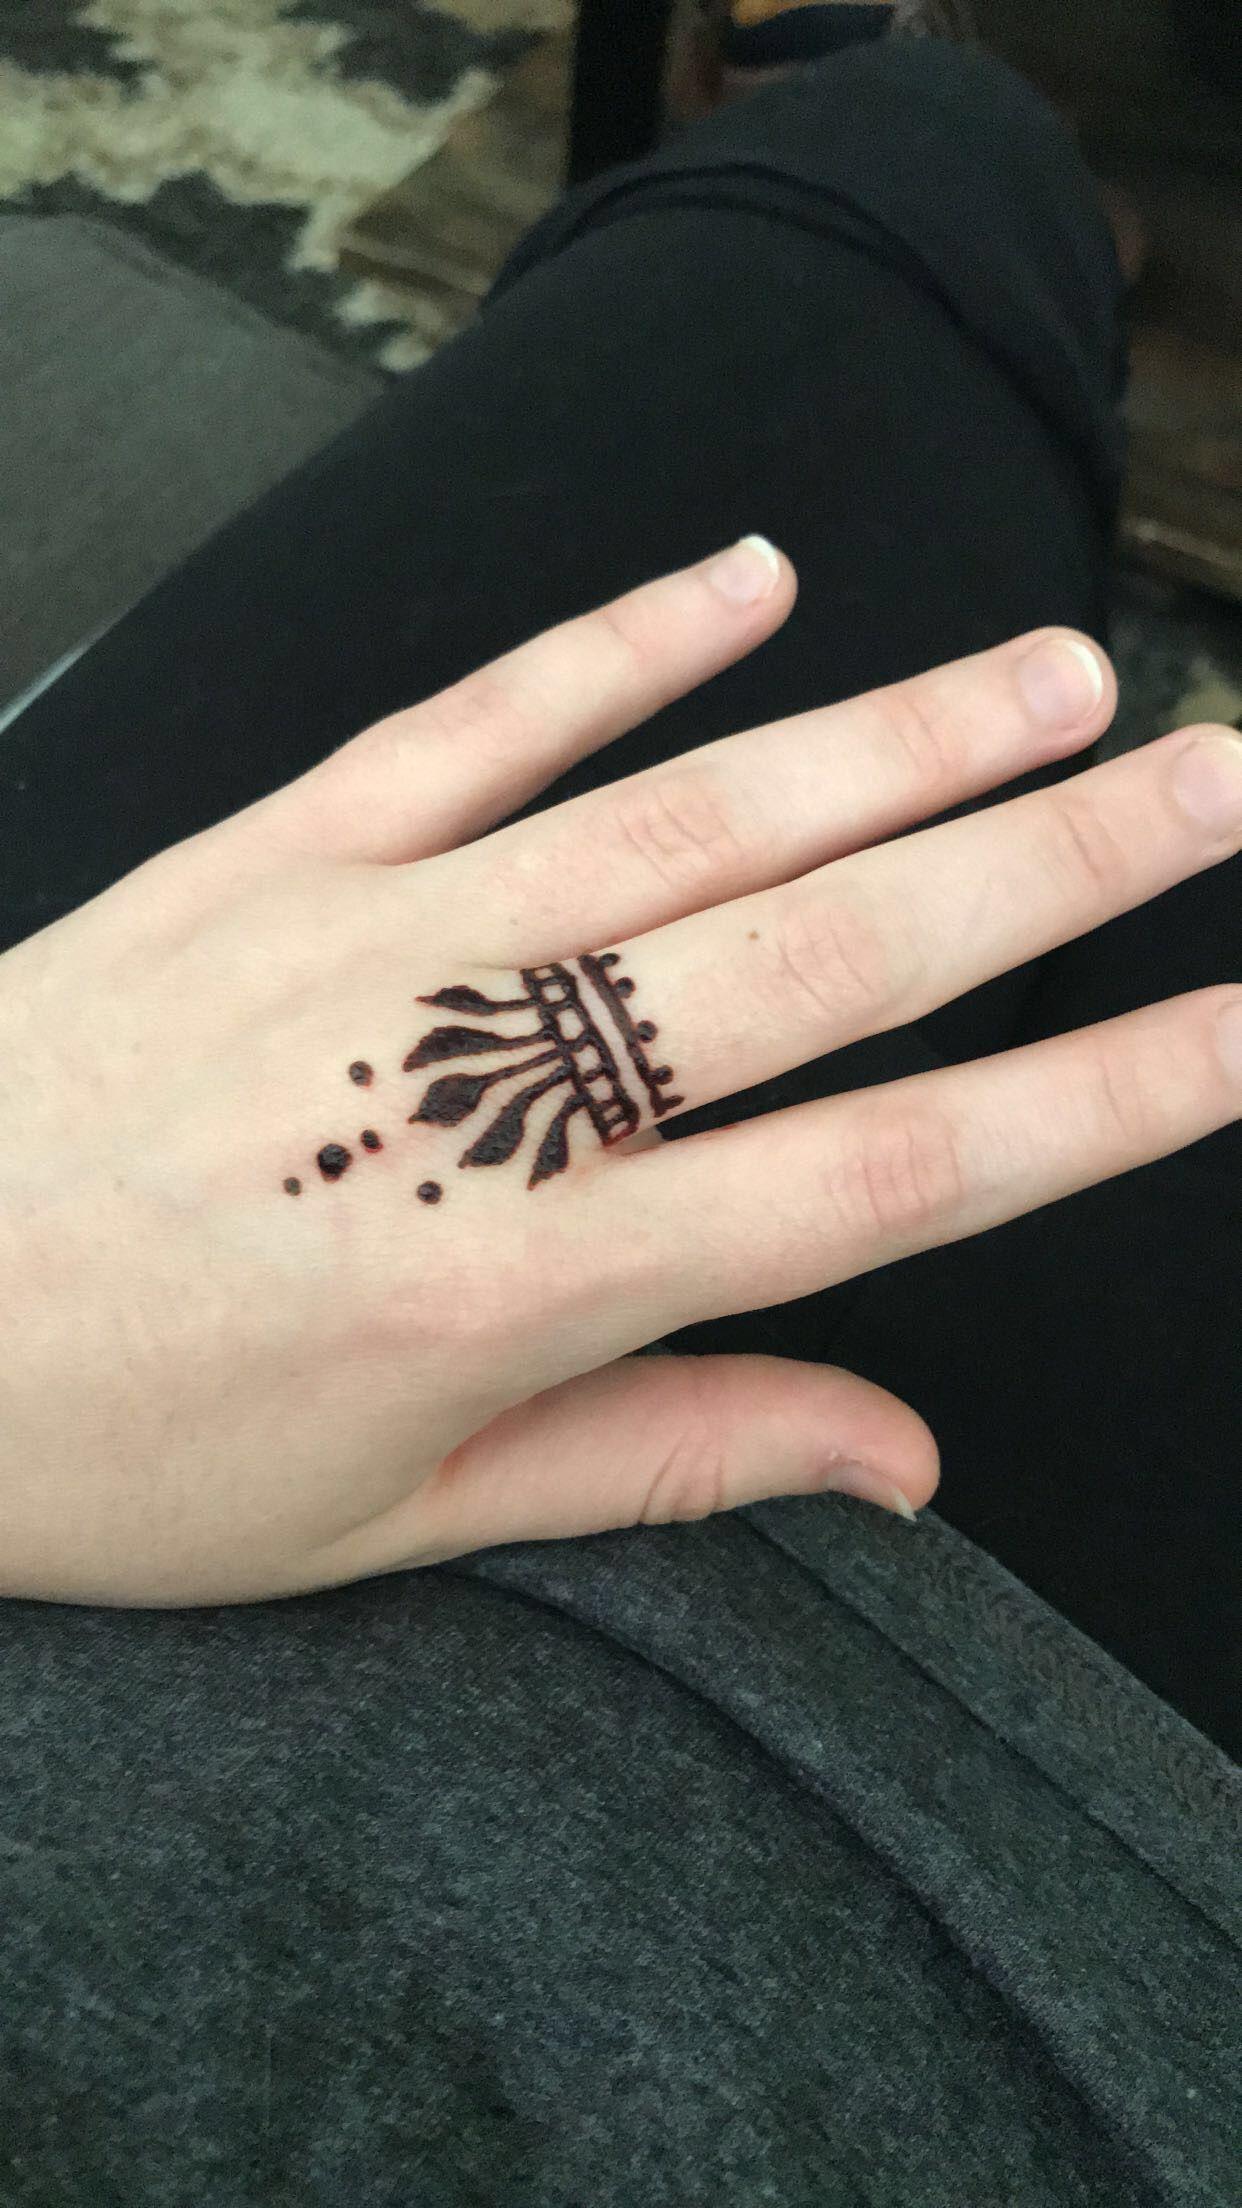 Beginner hand henna design 1 (With images) Hand henna